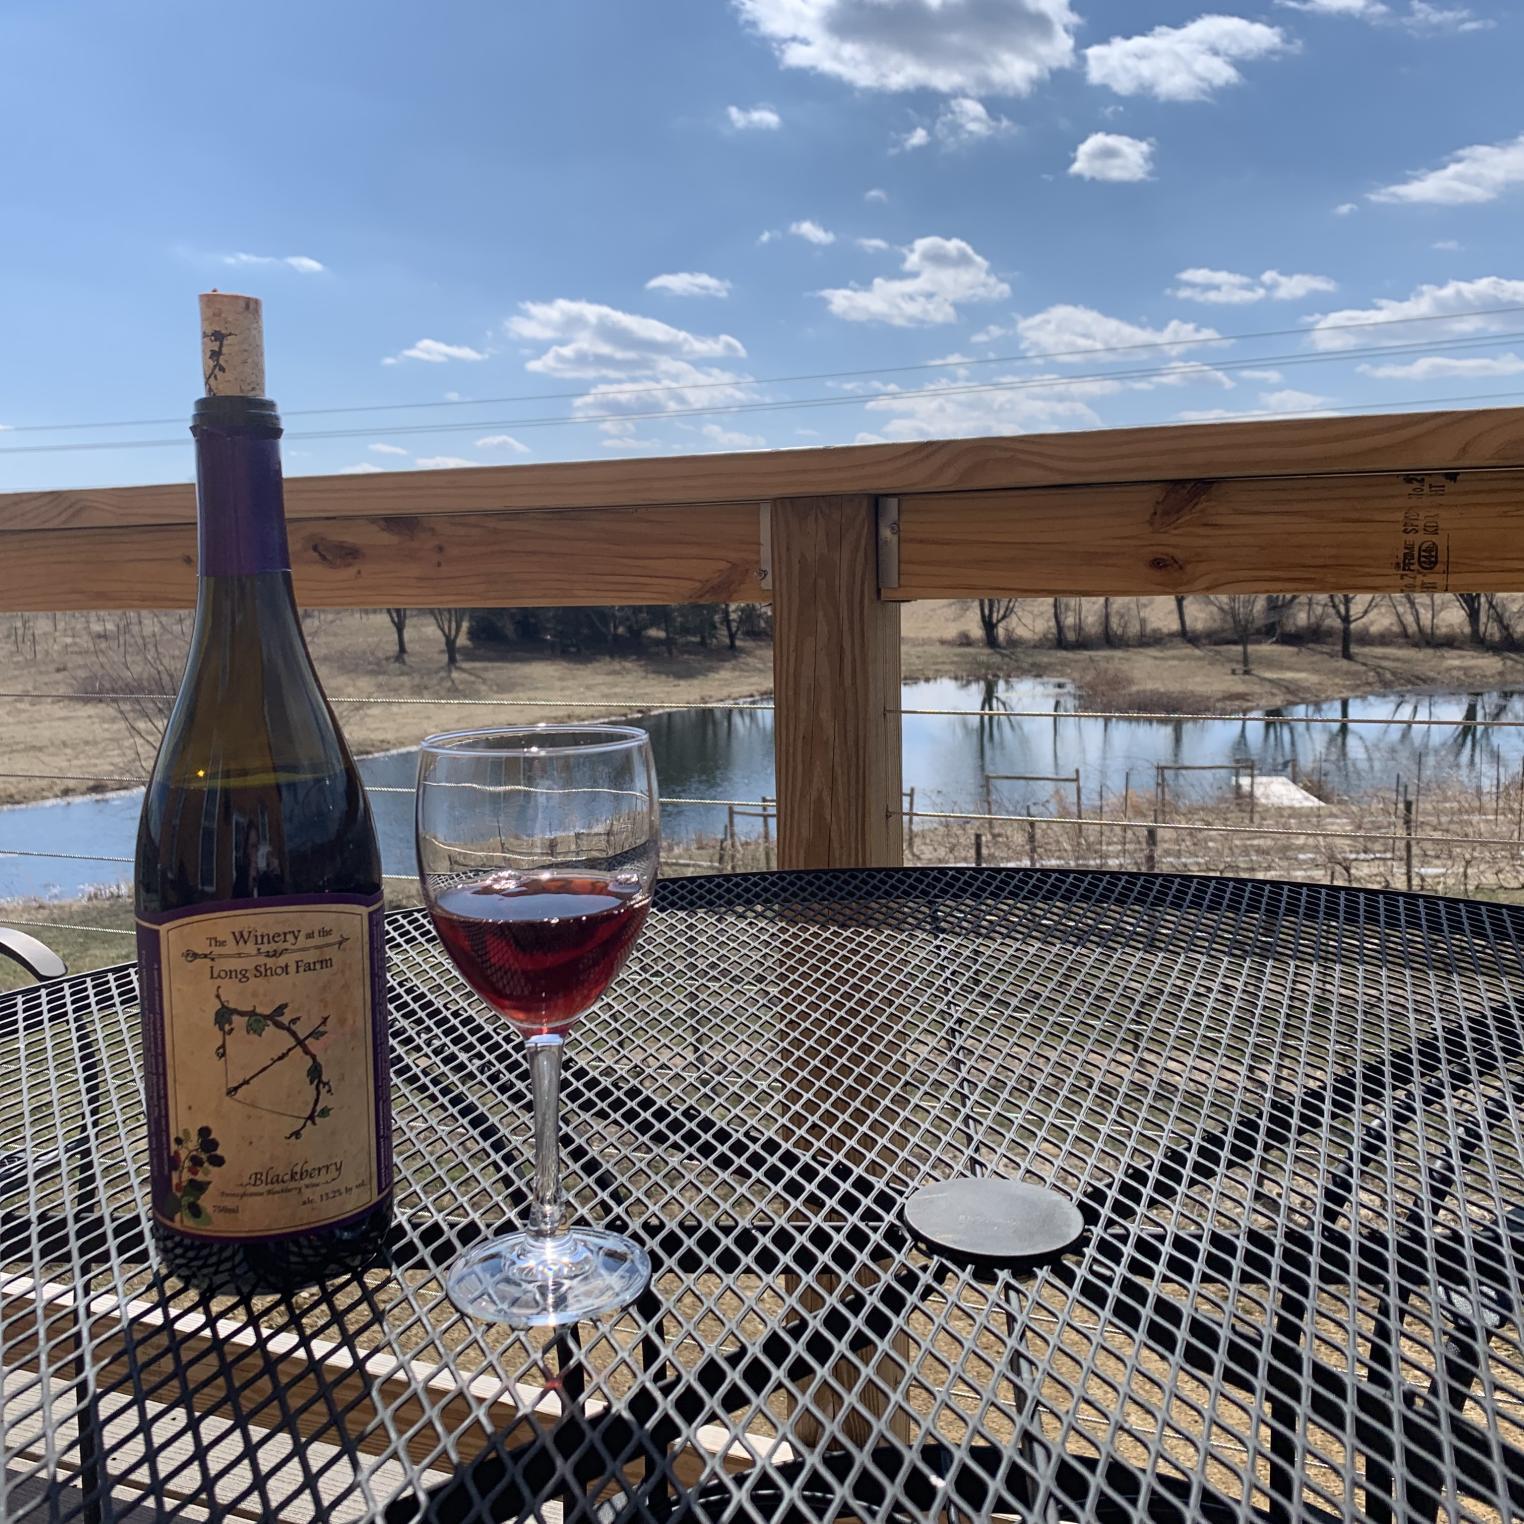 The Winery at Long Shot Farm